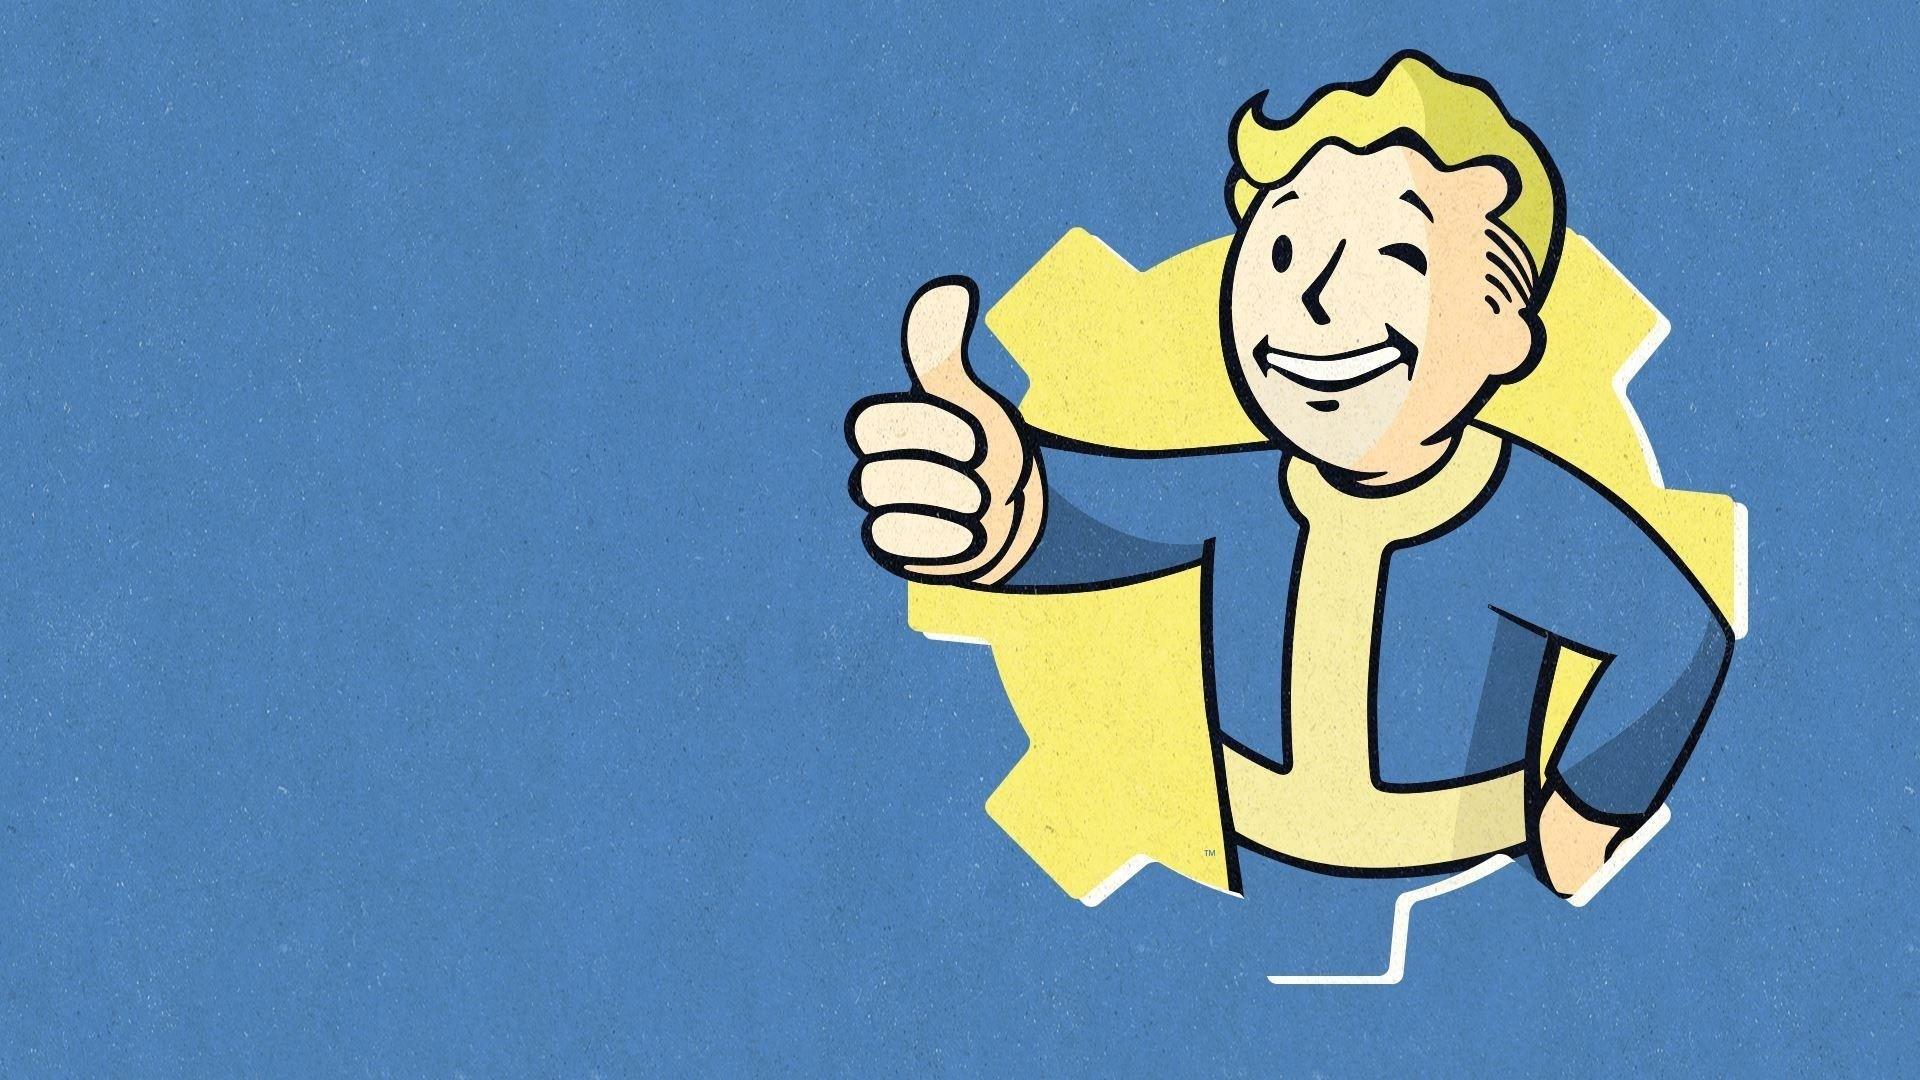 … Perfect Hd Desktop Backgrounds Fallout Pip Boy Wallpaper in 6 HD  Fallout Vault Boy Wallpapers HDWallSource